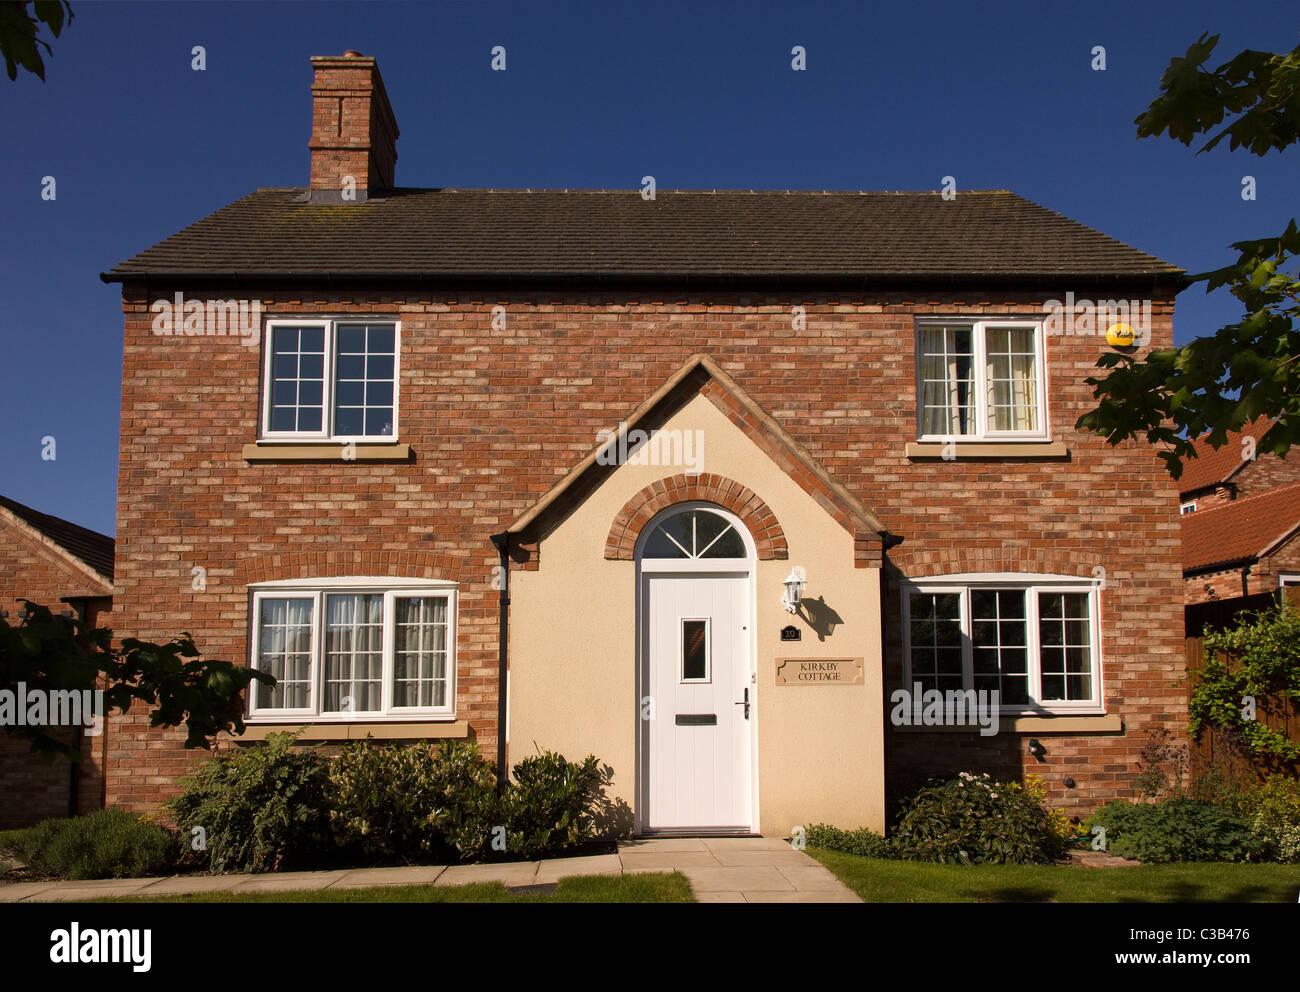 neubau haus im traditionellen englischen cottage stil gebaut von bovis homes england uk. Black Bedroom Furniture Sets. Home Design Ideas